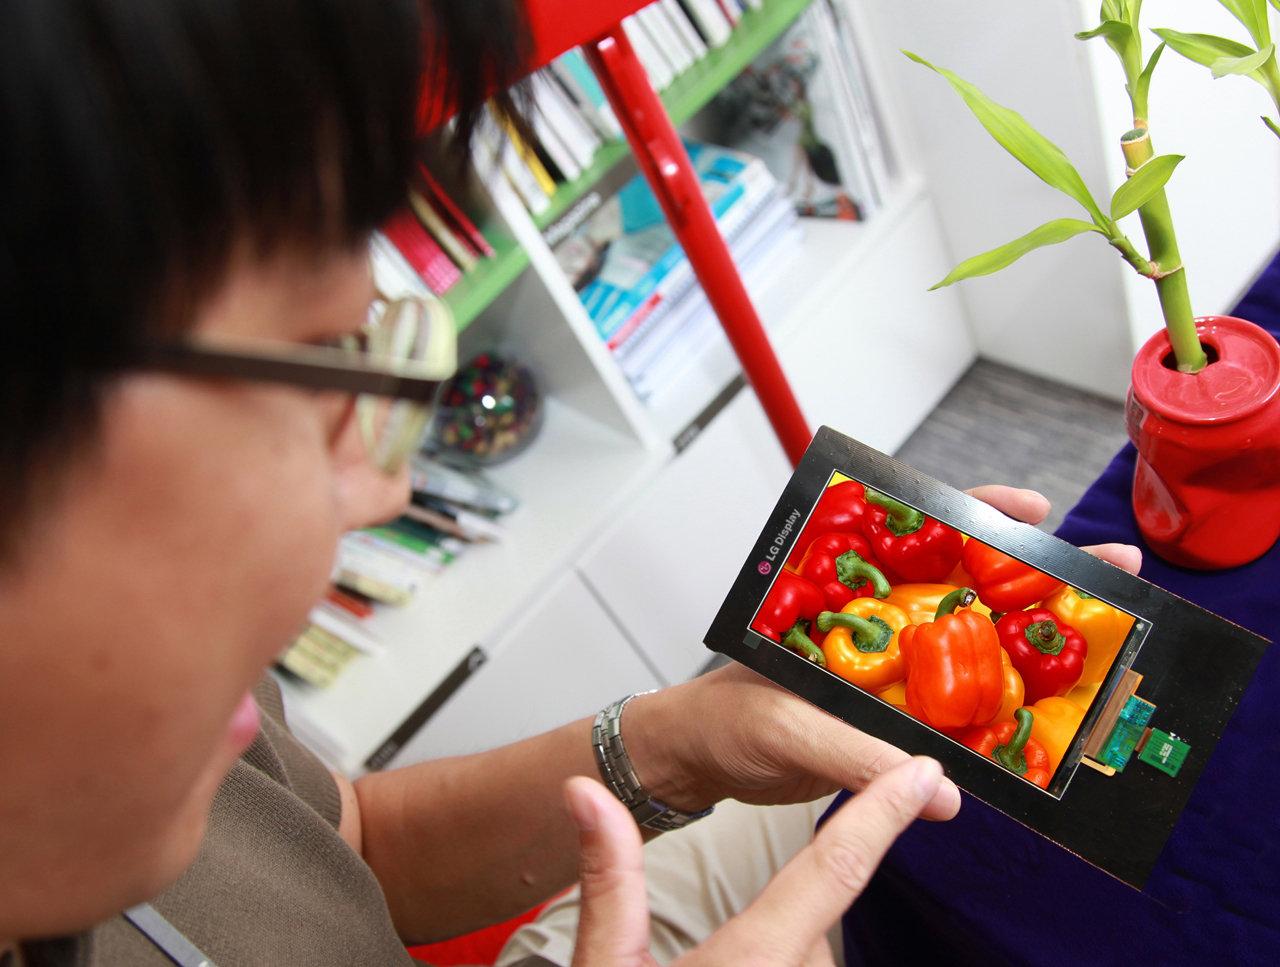 LG_Quad_HD_smartphone_screen